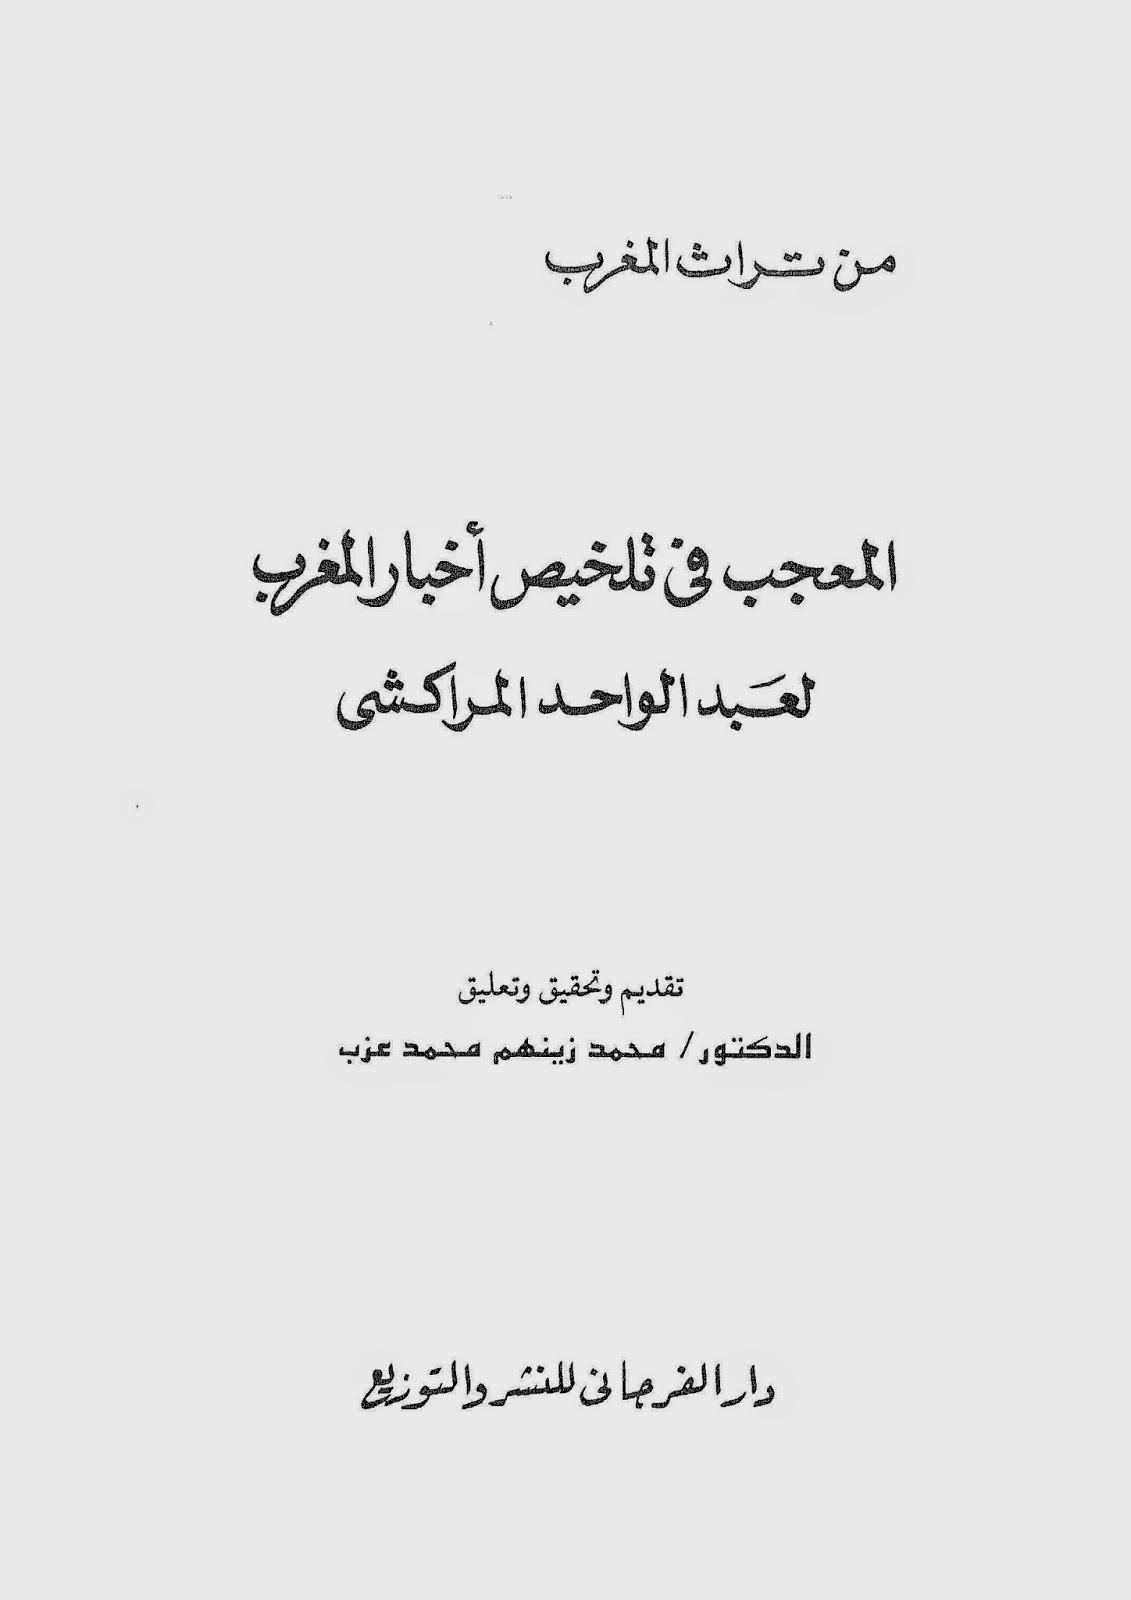 المعجب في تلخيص أخبار المغرب لـ عبد الواحد المراكشي ( ط. دار الفرجاني )